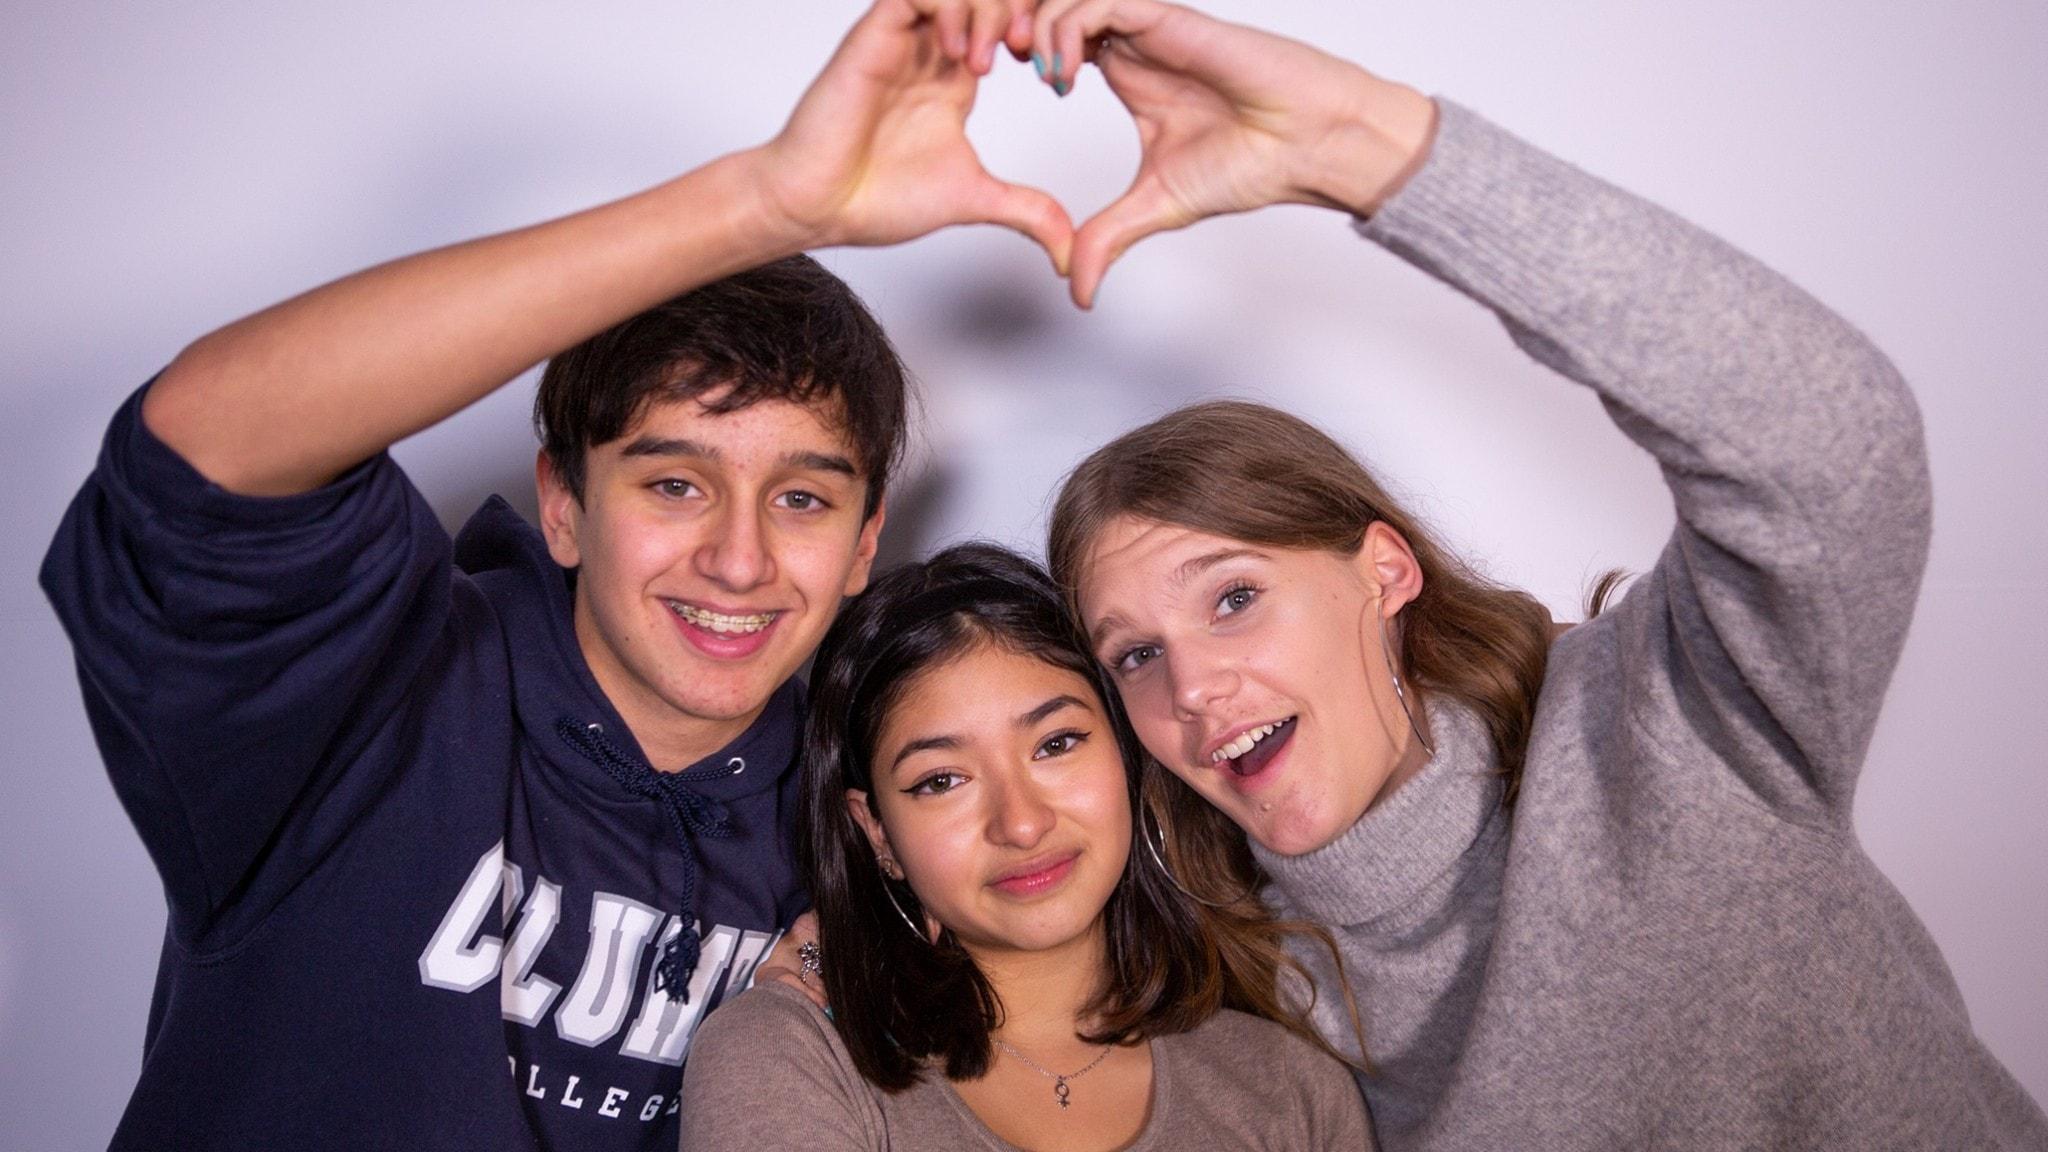 PANELEN: ''Nakenbilderna spreds på skolan''